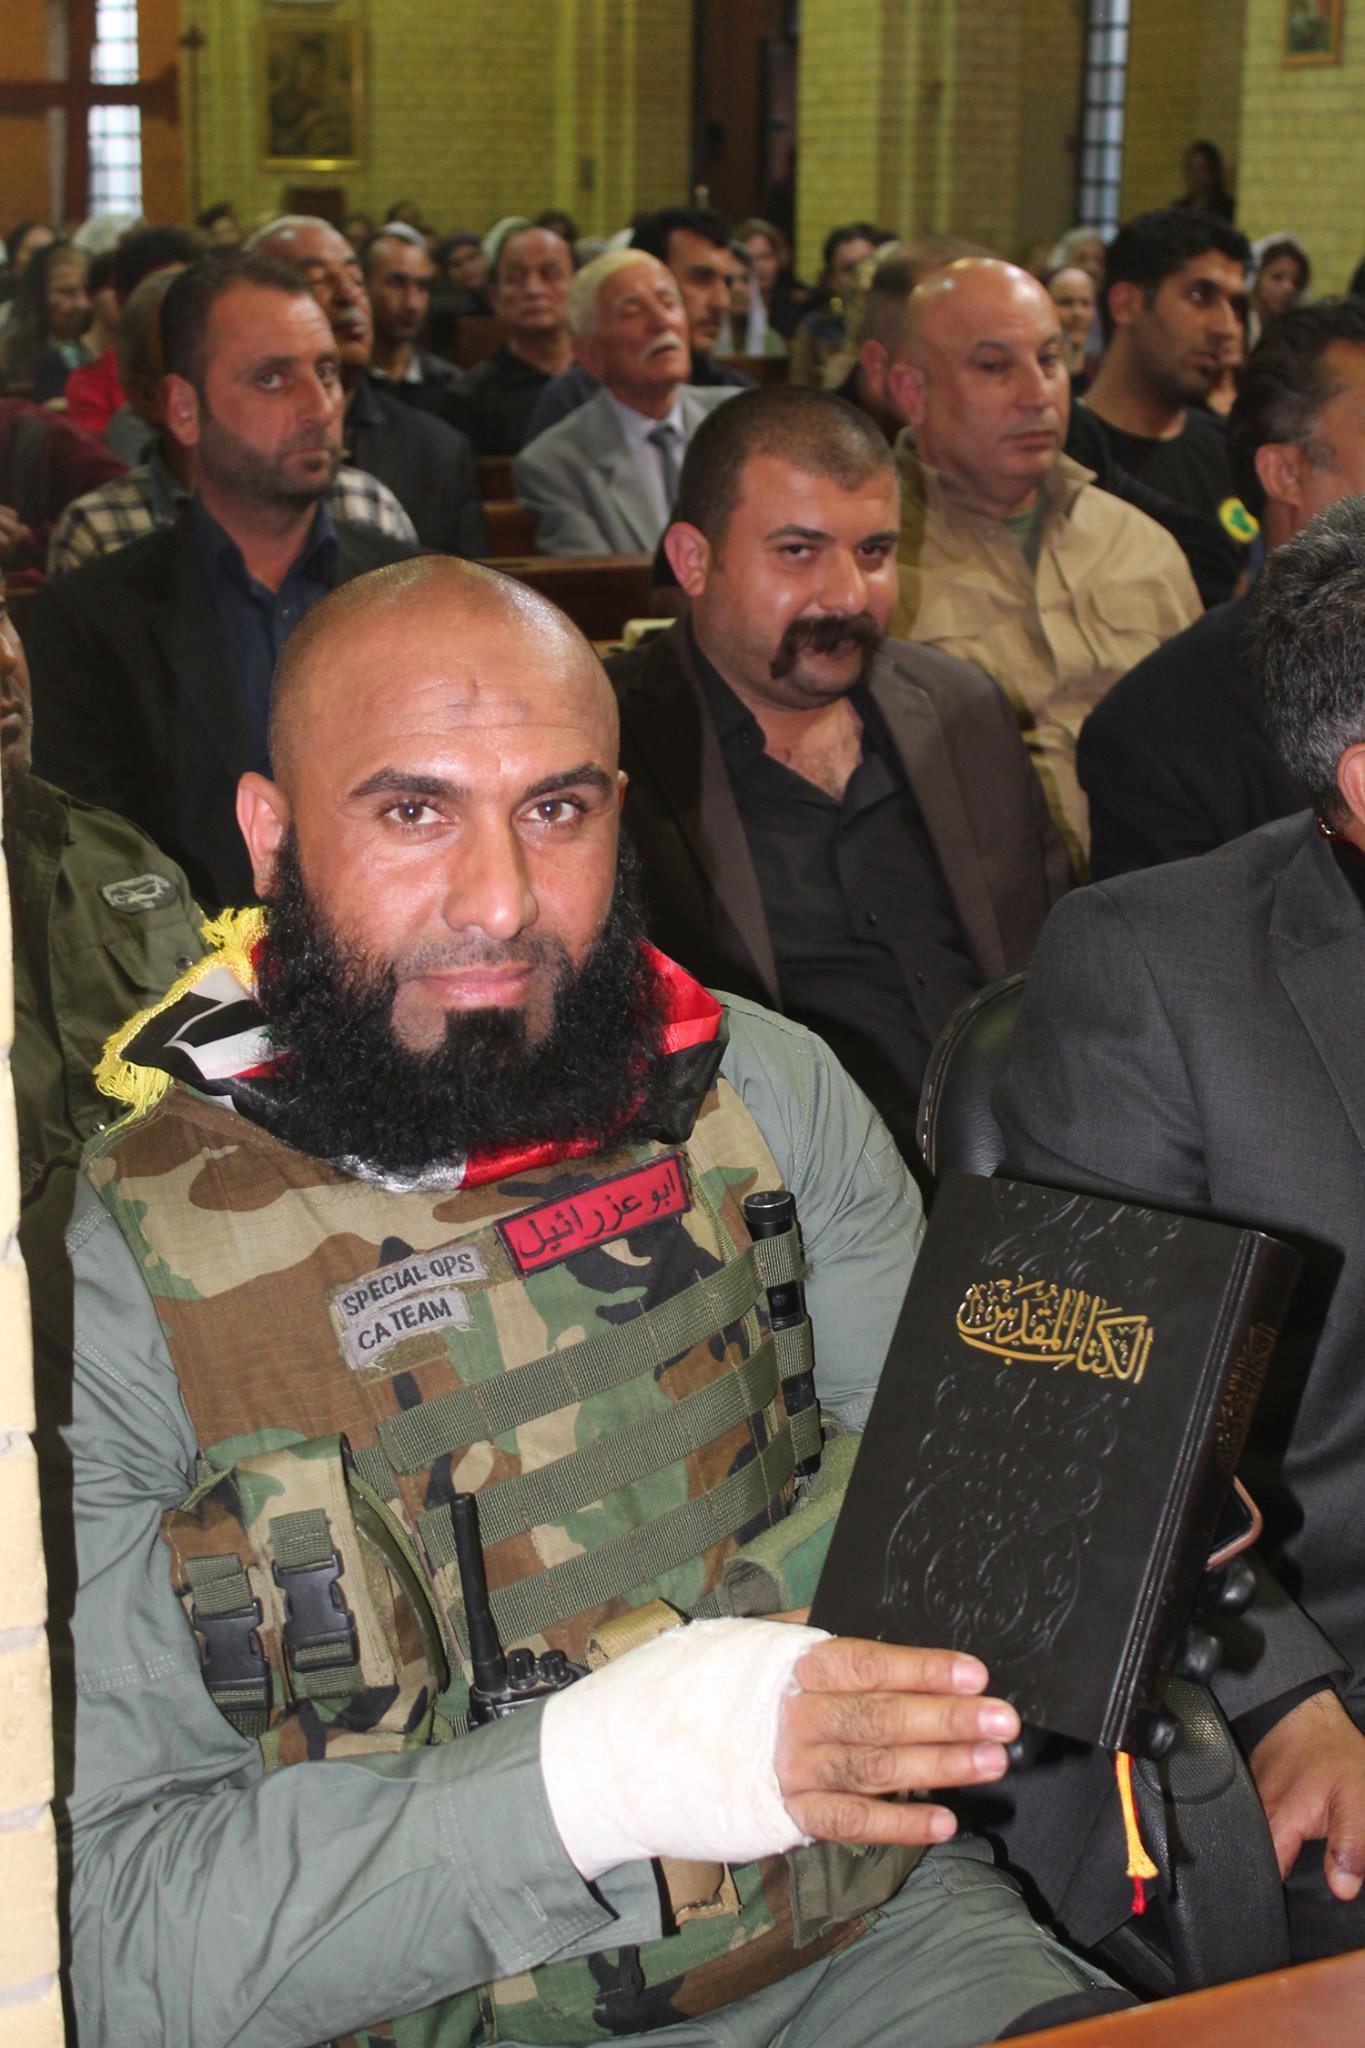 مسیحیانی که برای نابودی داعش دست به سلاح شدند/ رزمندگانی که از آنان چیزی نشنیدهاید +تصاویر